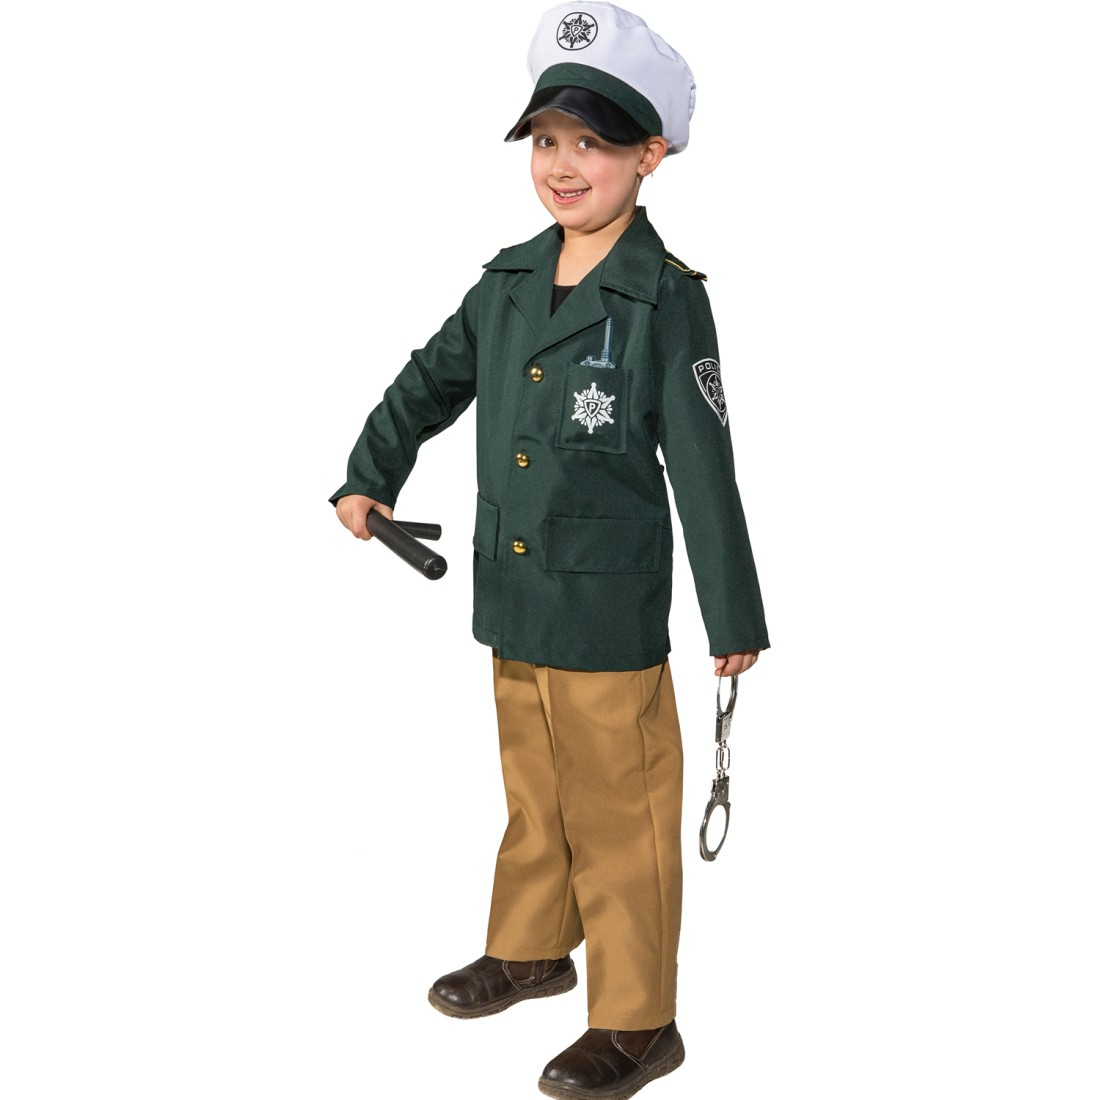 Kinderkostum Polizei Polizisten Kostum Fur Kinder 22 99